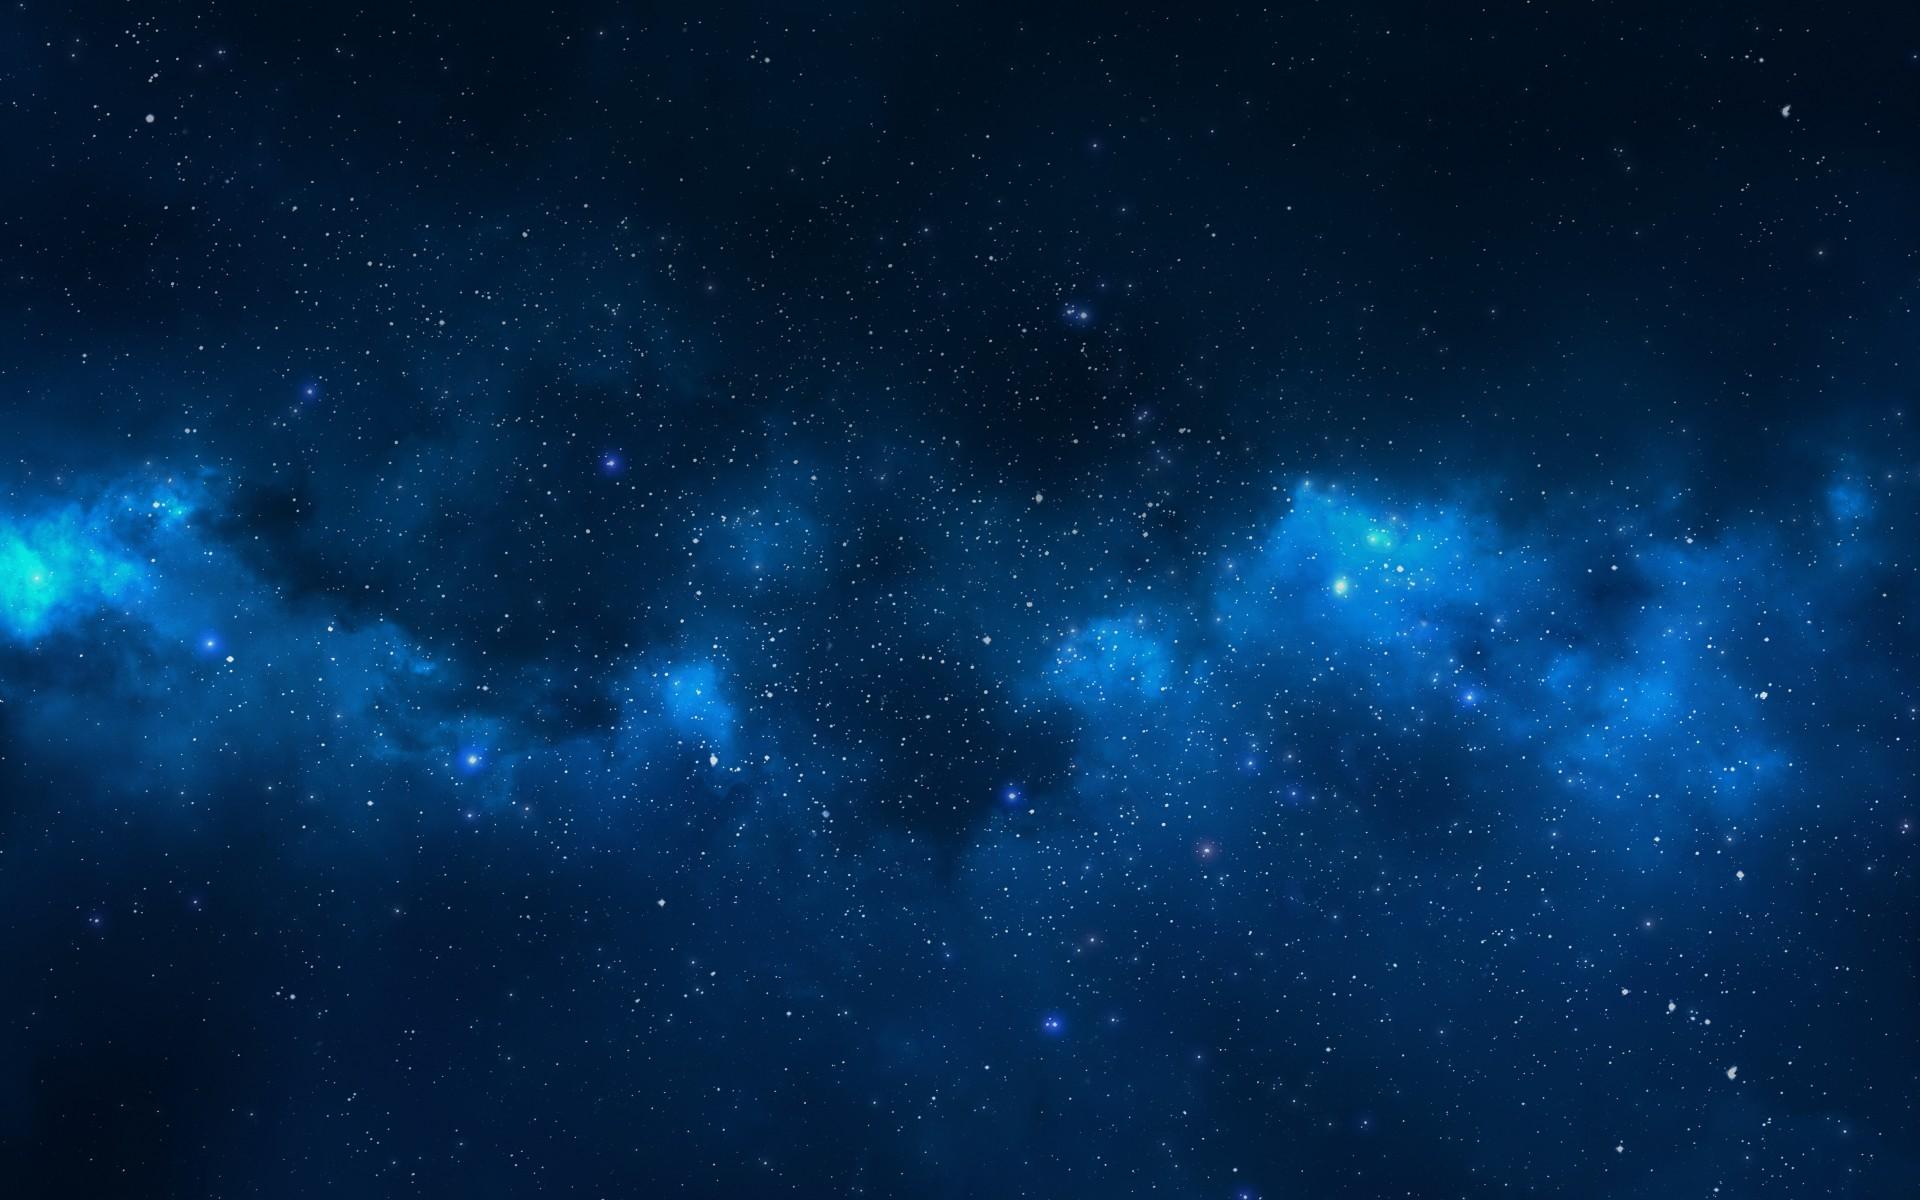 Beautiful Night Sky With Stars Wallpaper homzxyz 1920x1200